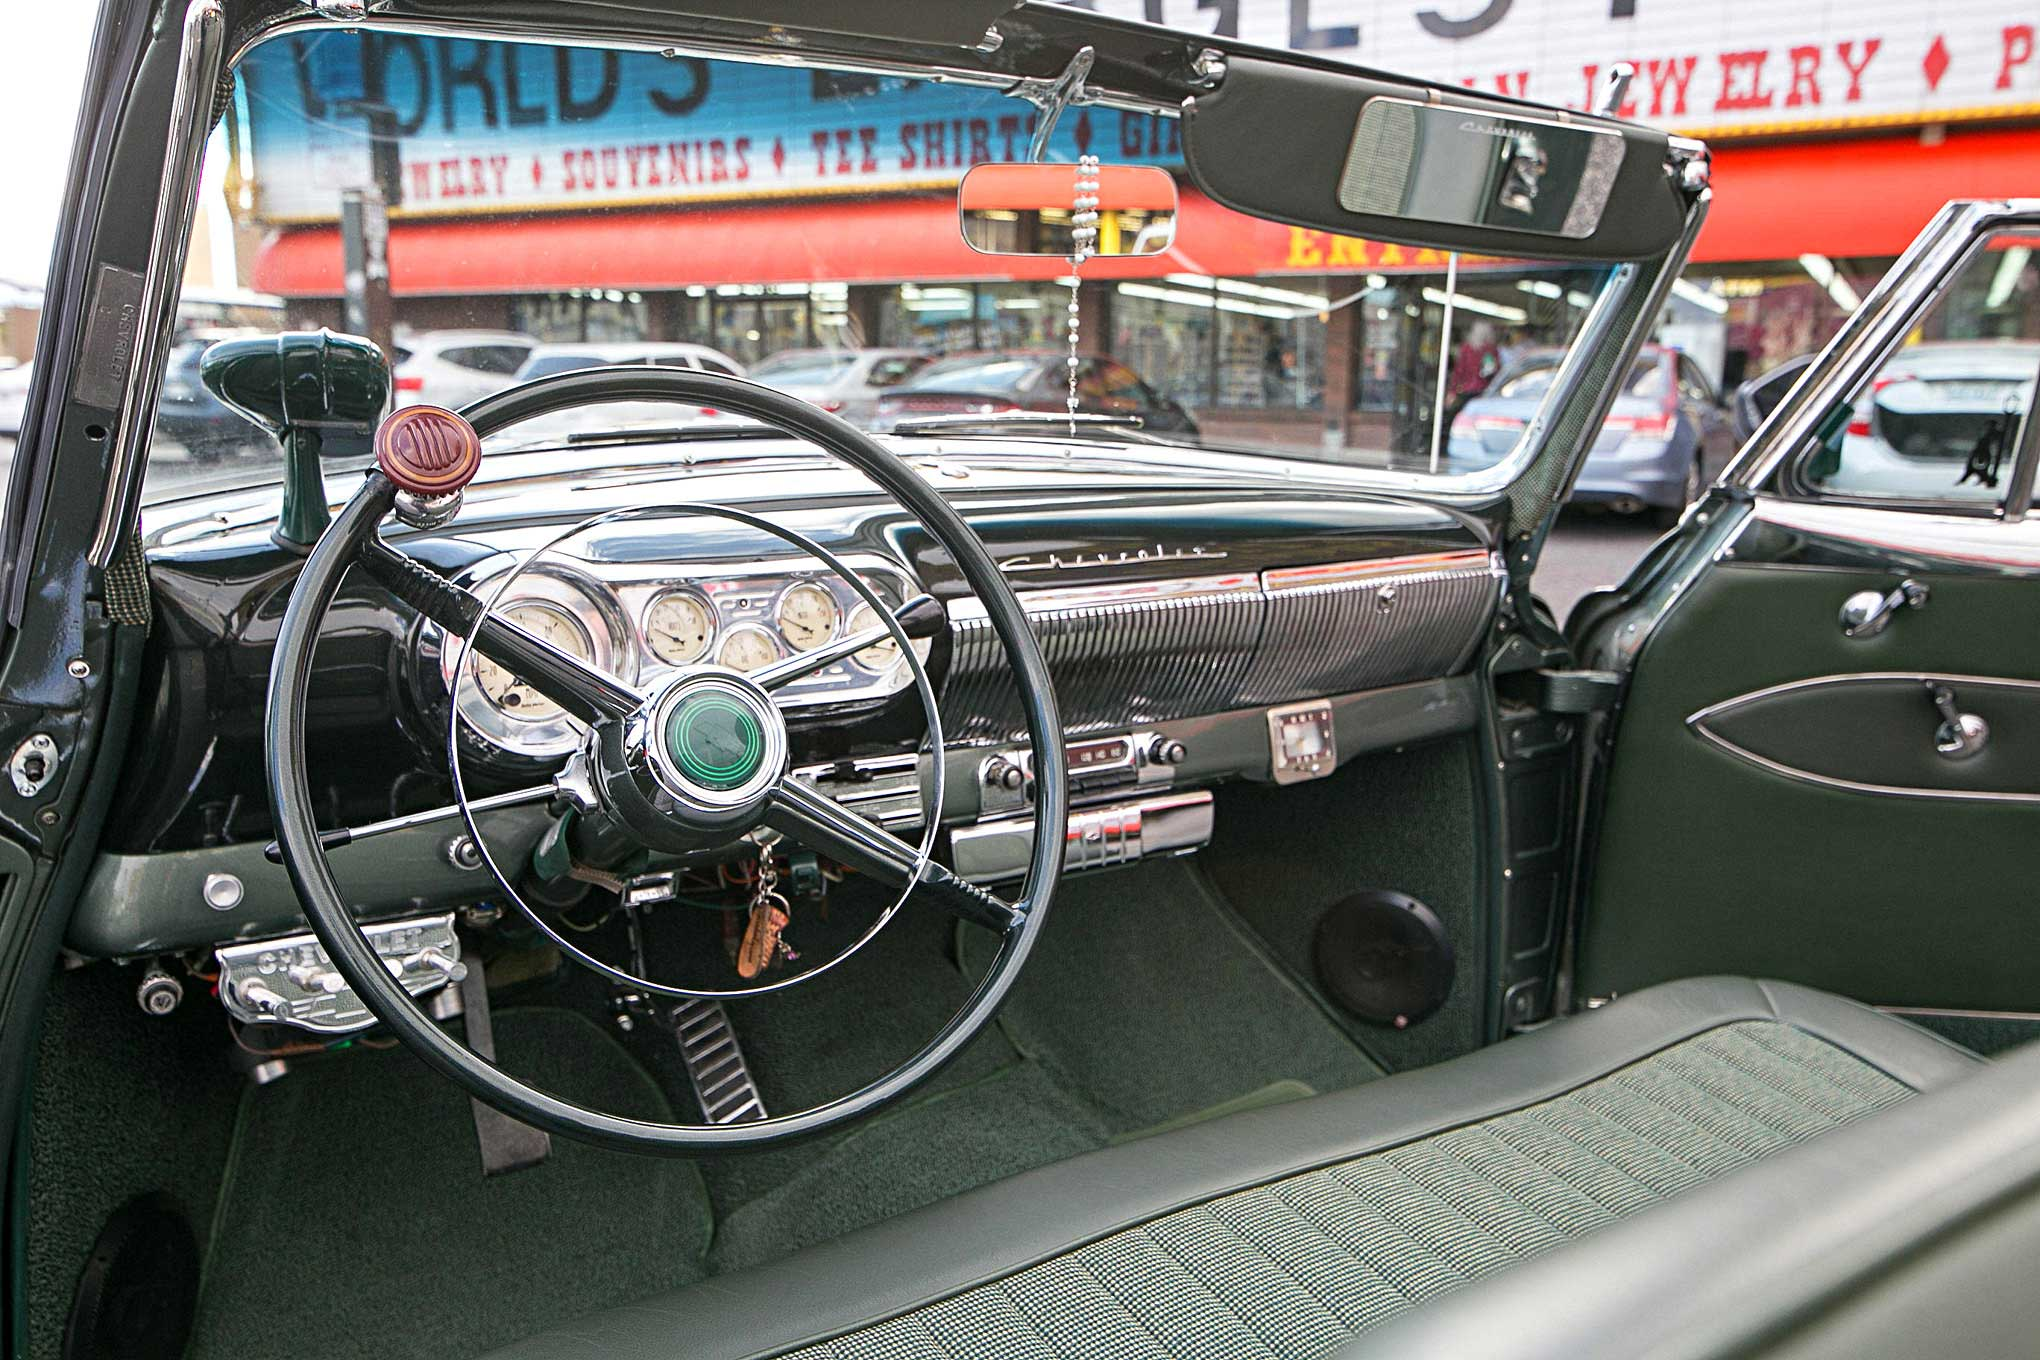 1953 Chevrolet Bel Air Steering Wheel Dash Lowrider